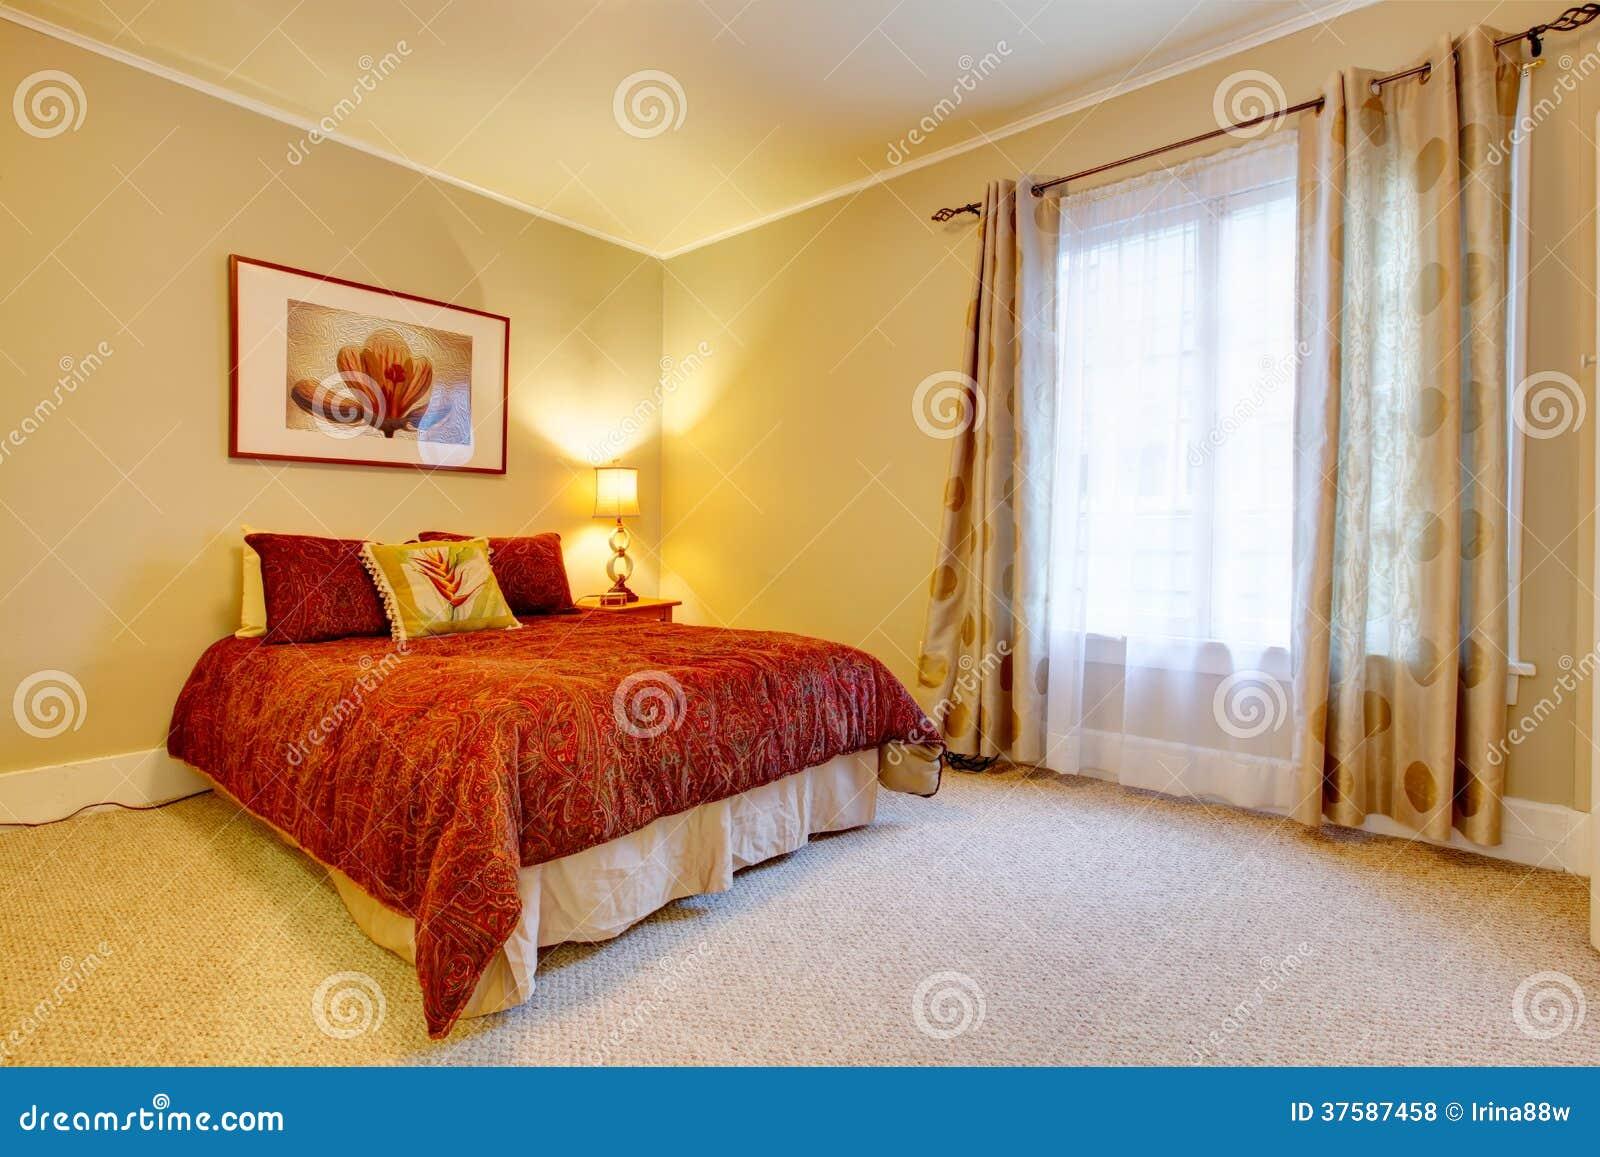 Camere Da Letto Rosse E Bianche : Camera da letto affascinante con bella lettiera rossa fotografia